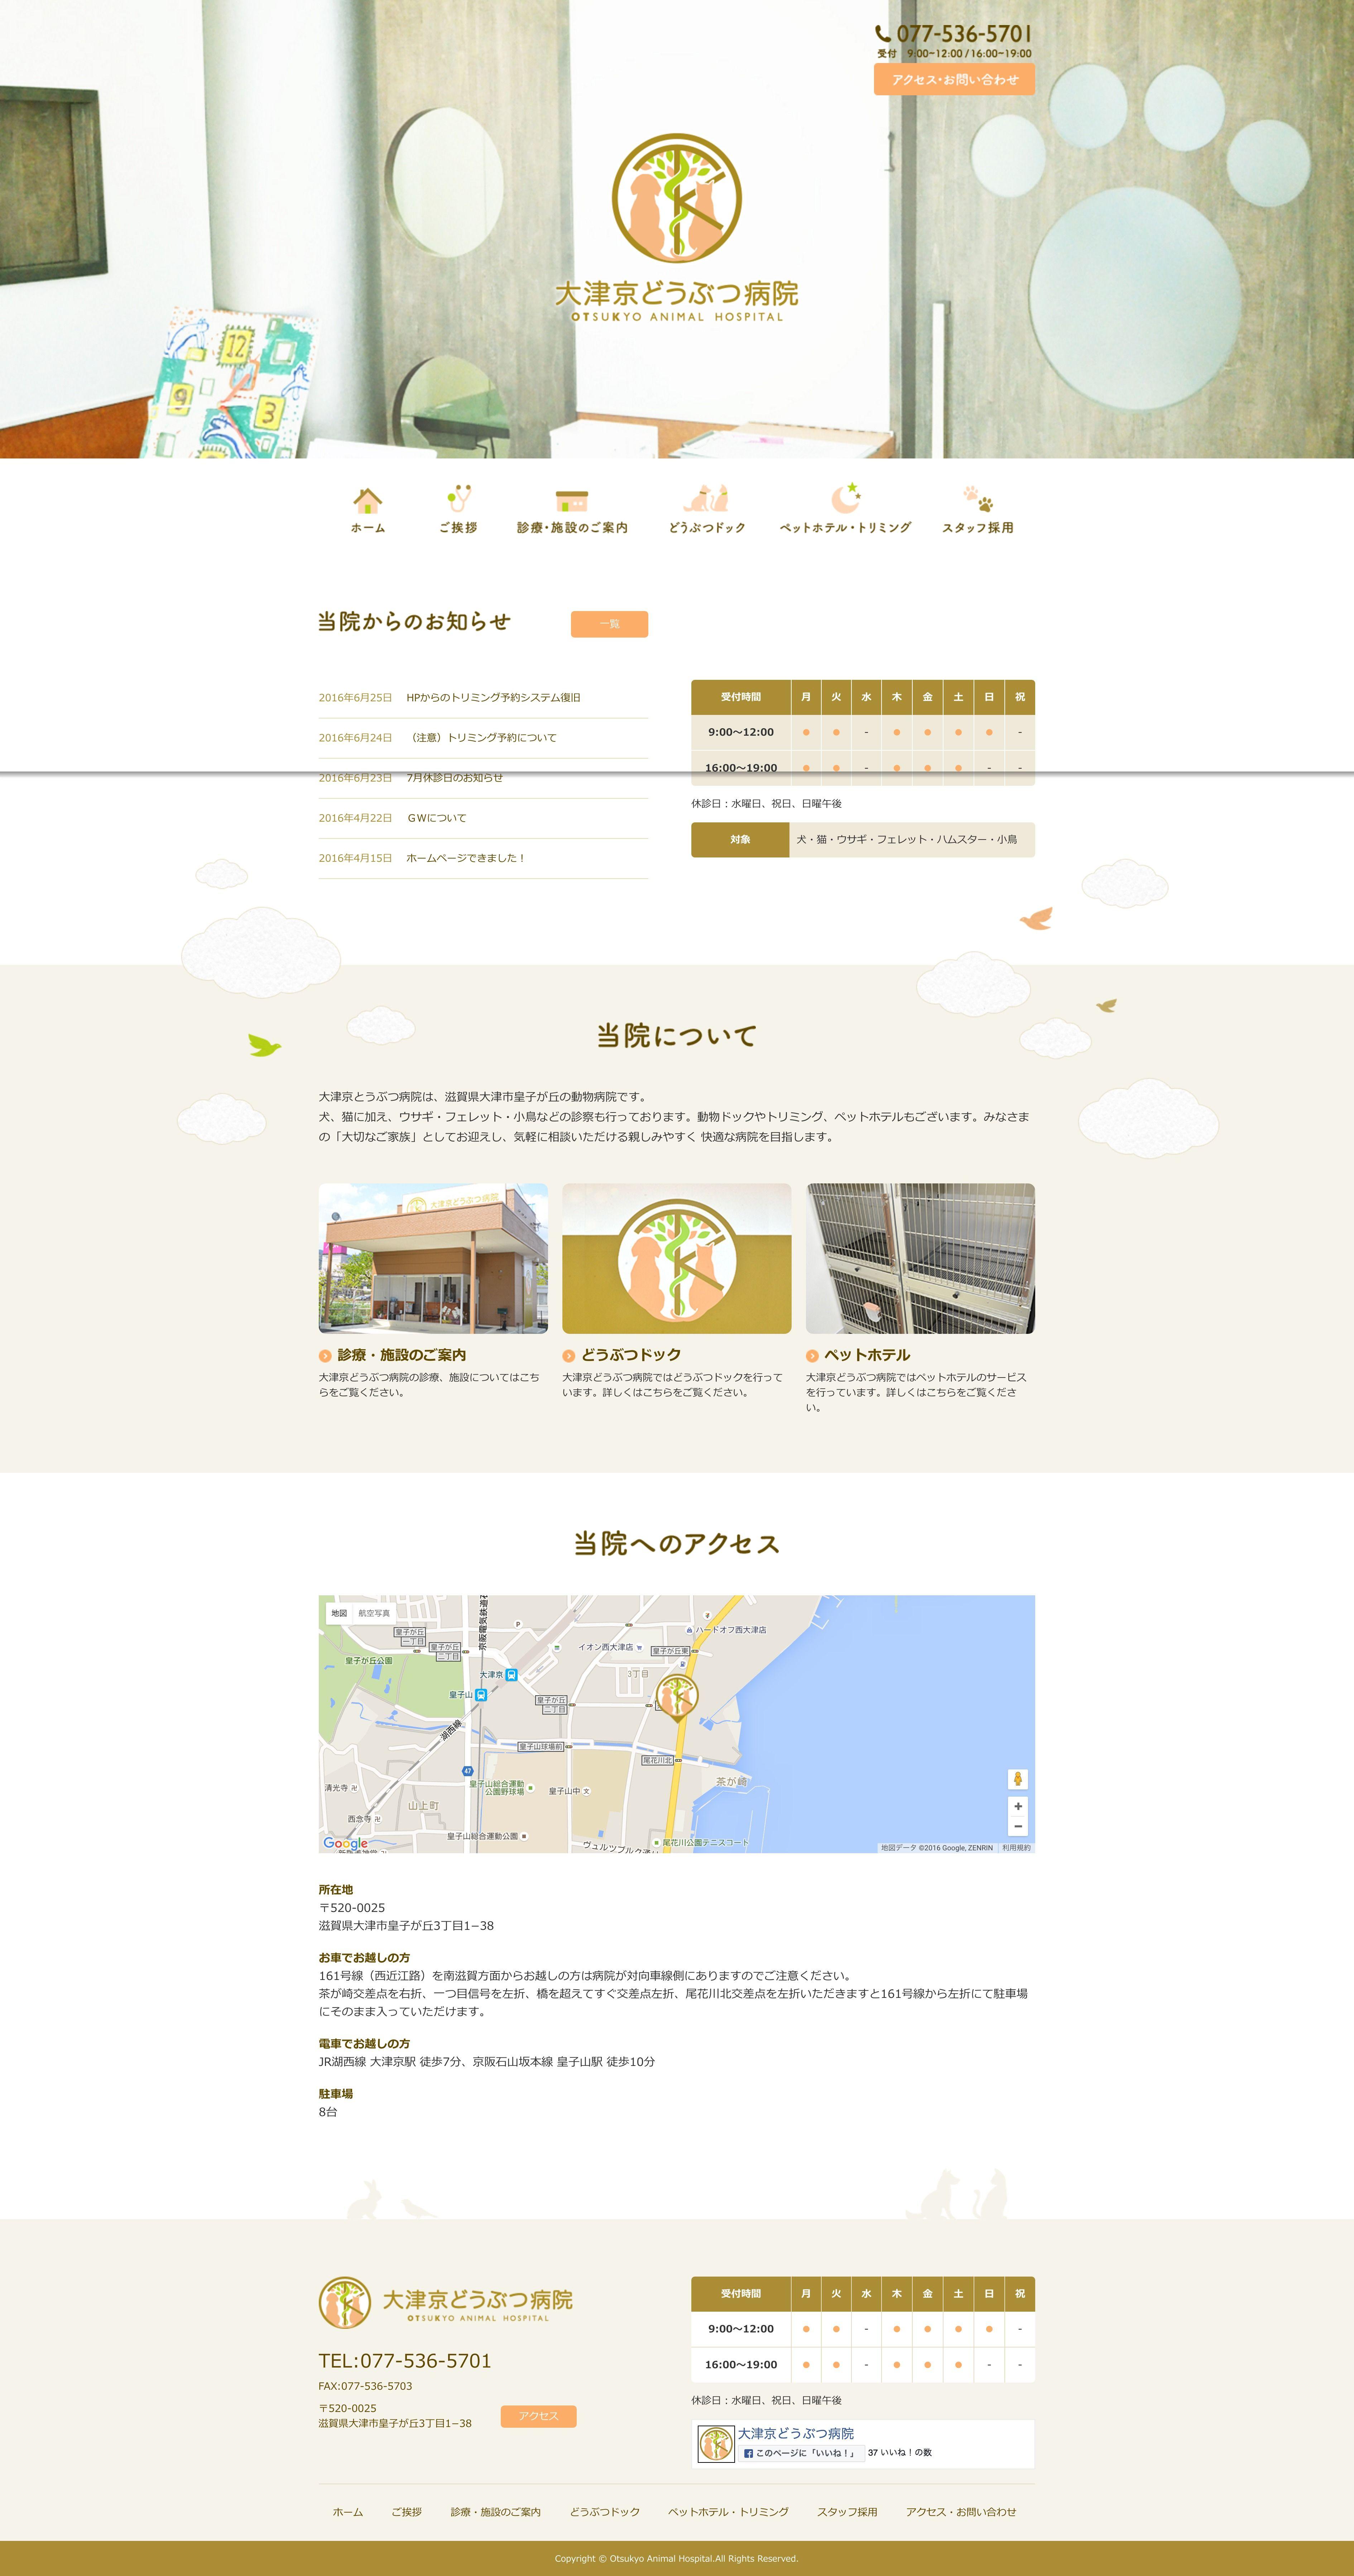 大津京どうぶつ病院 大津市 大津京駅の動物病院 ホテル トリミング 医療デザイン Lp デザイン ウェブデザイン